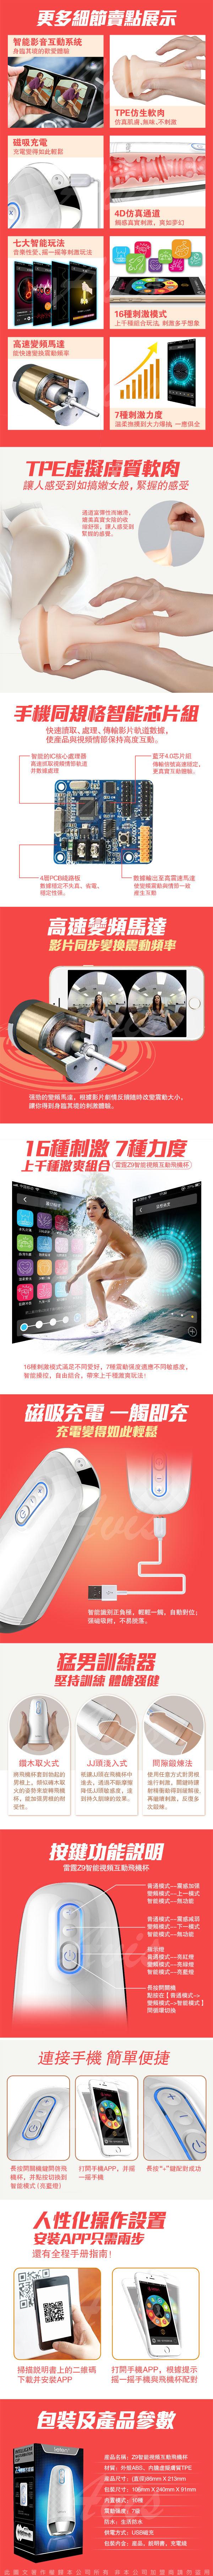 香港LETEN Z9智能 3D視頻互動 VR電動男用自慰飛機杯(送VR眼鏡)